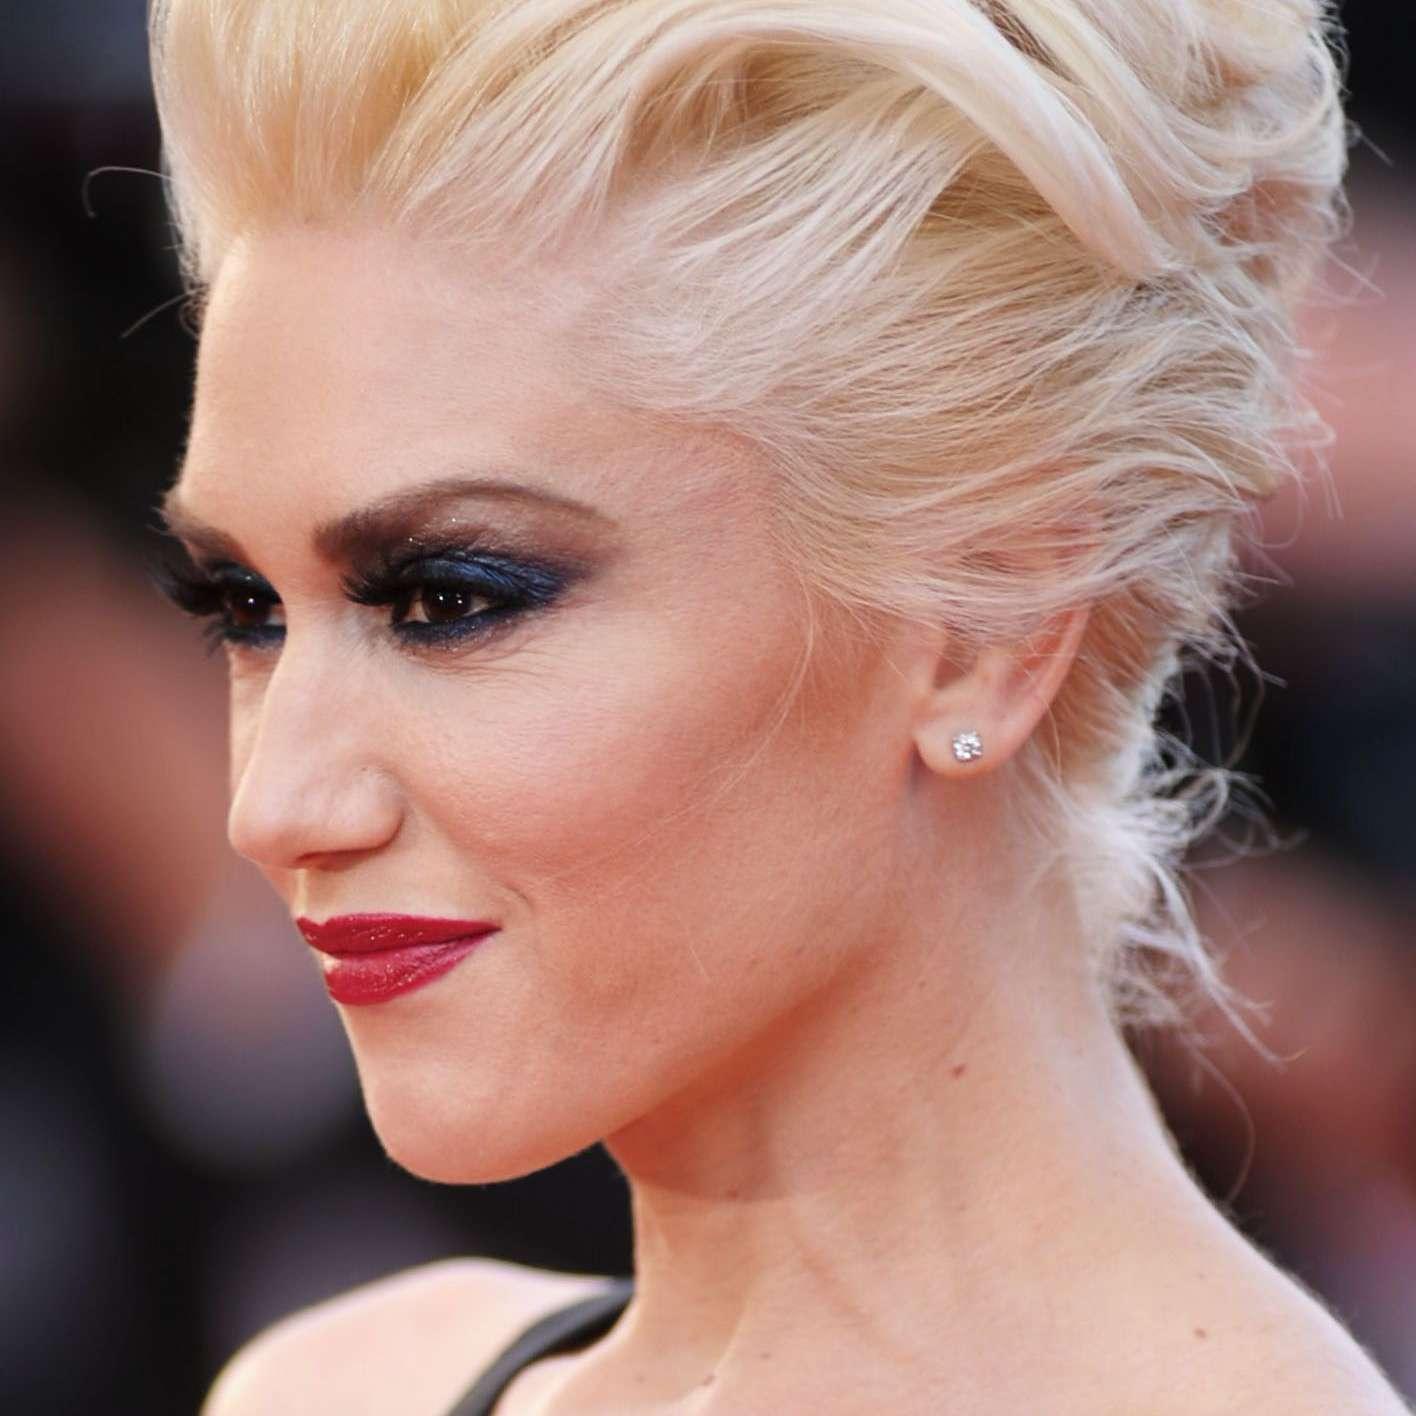 Gwen Stefani with a volumized pompadour